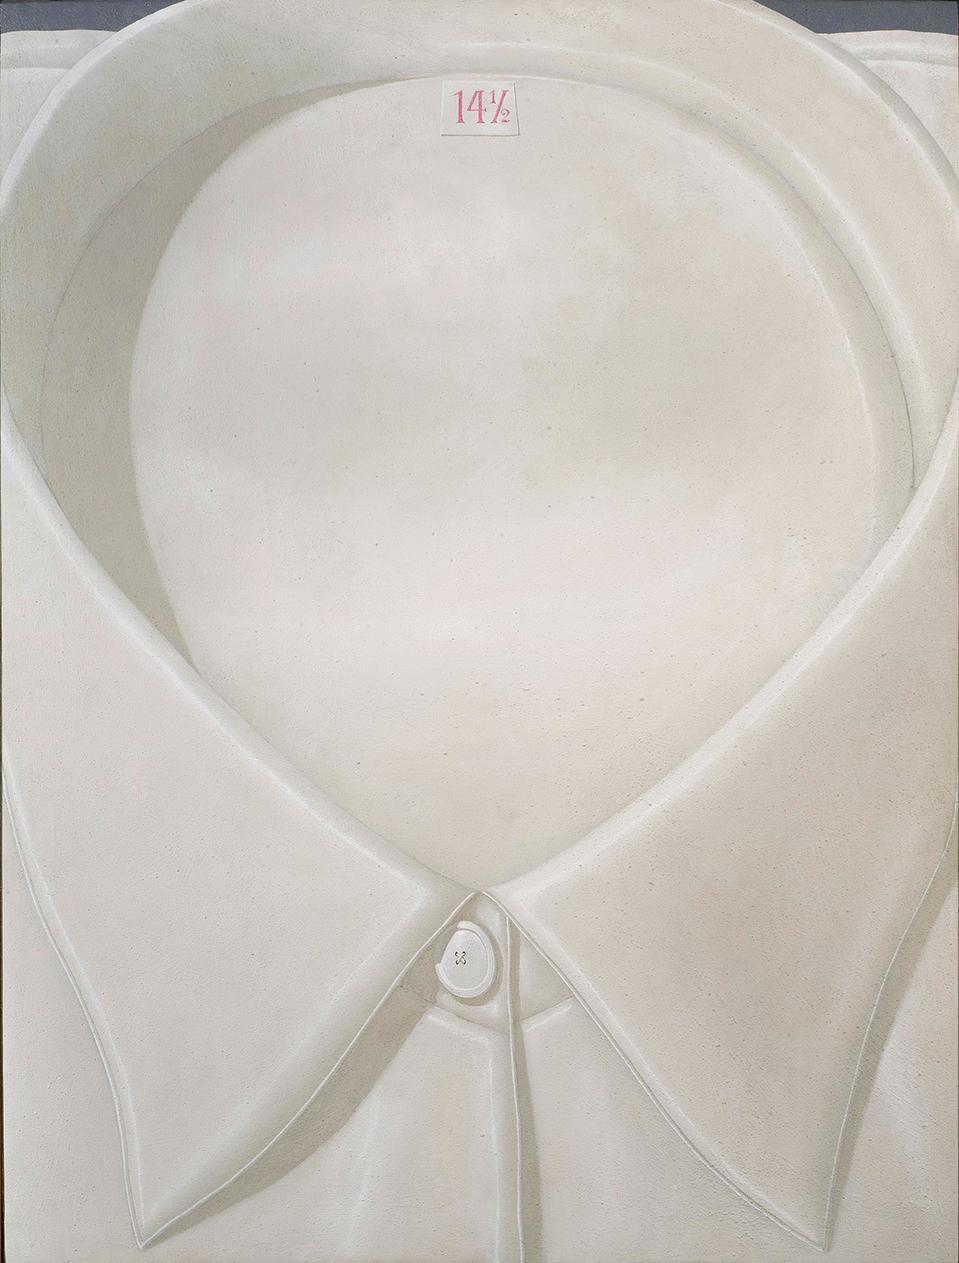 GNOLI-Shirt-Collar-14-12